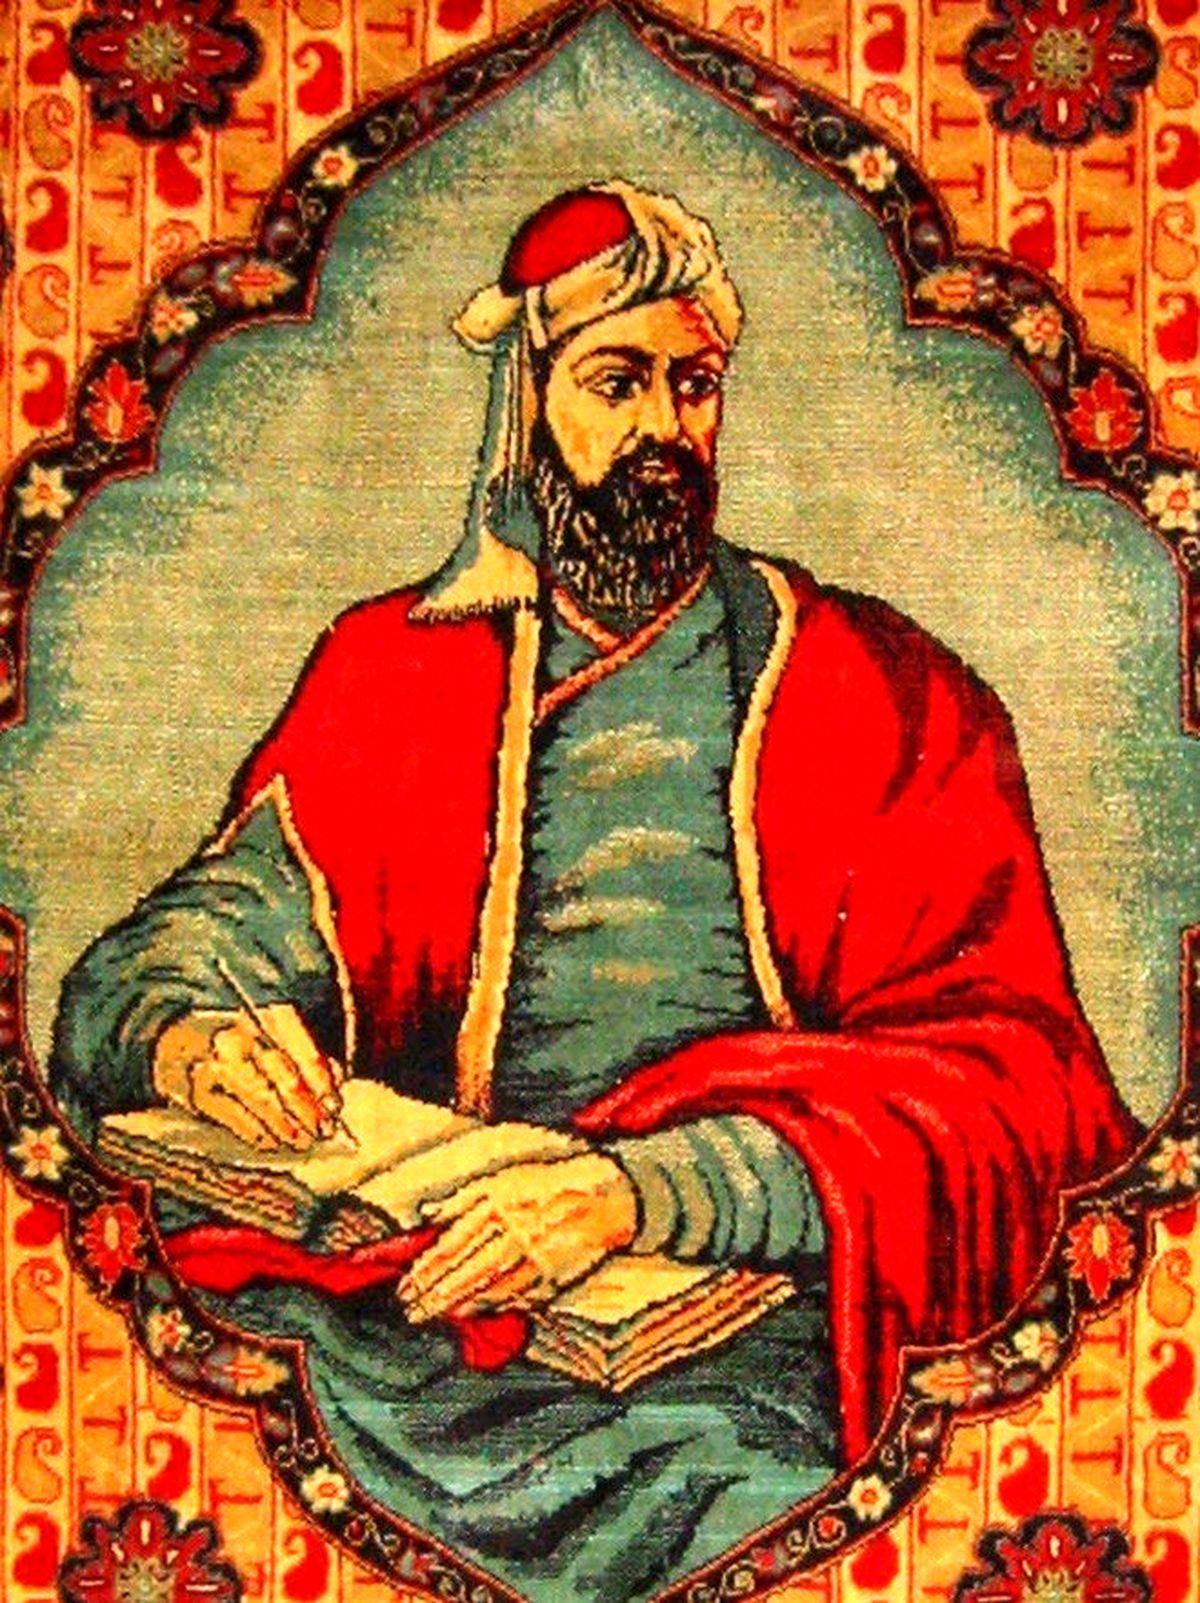 «خمسه» نظامی سرشار از دُرهای حکمت و گنج های معرفت است